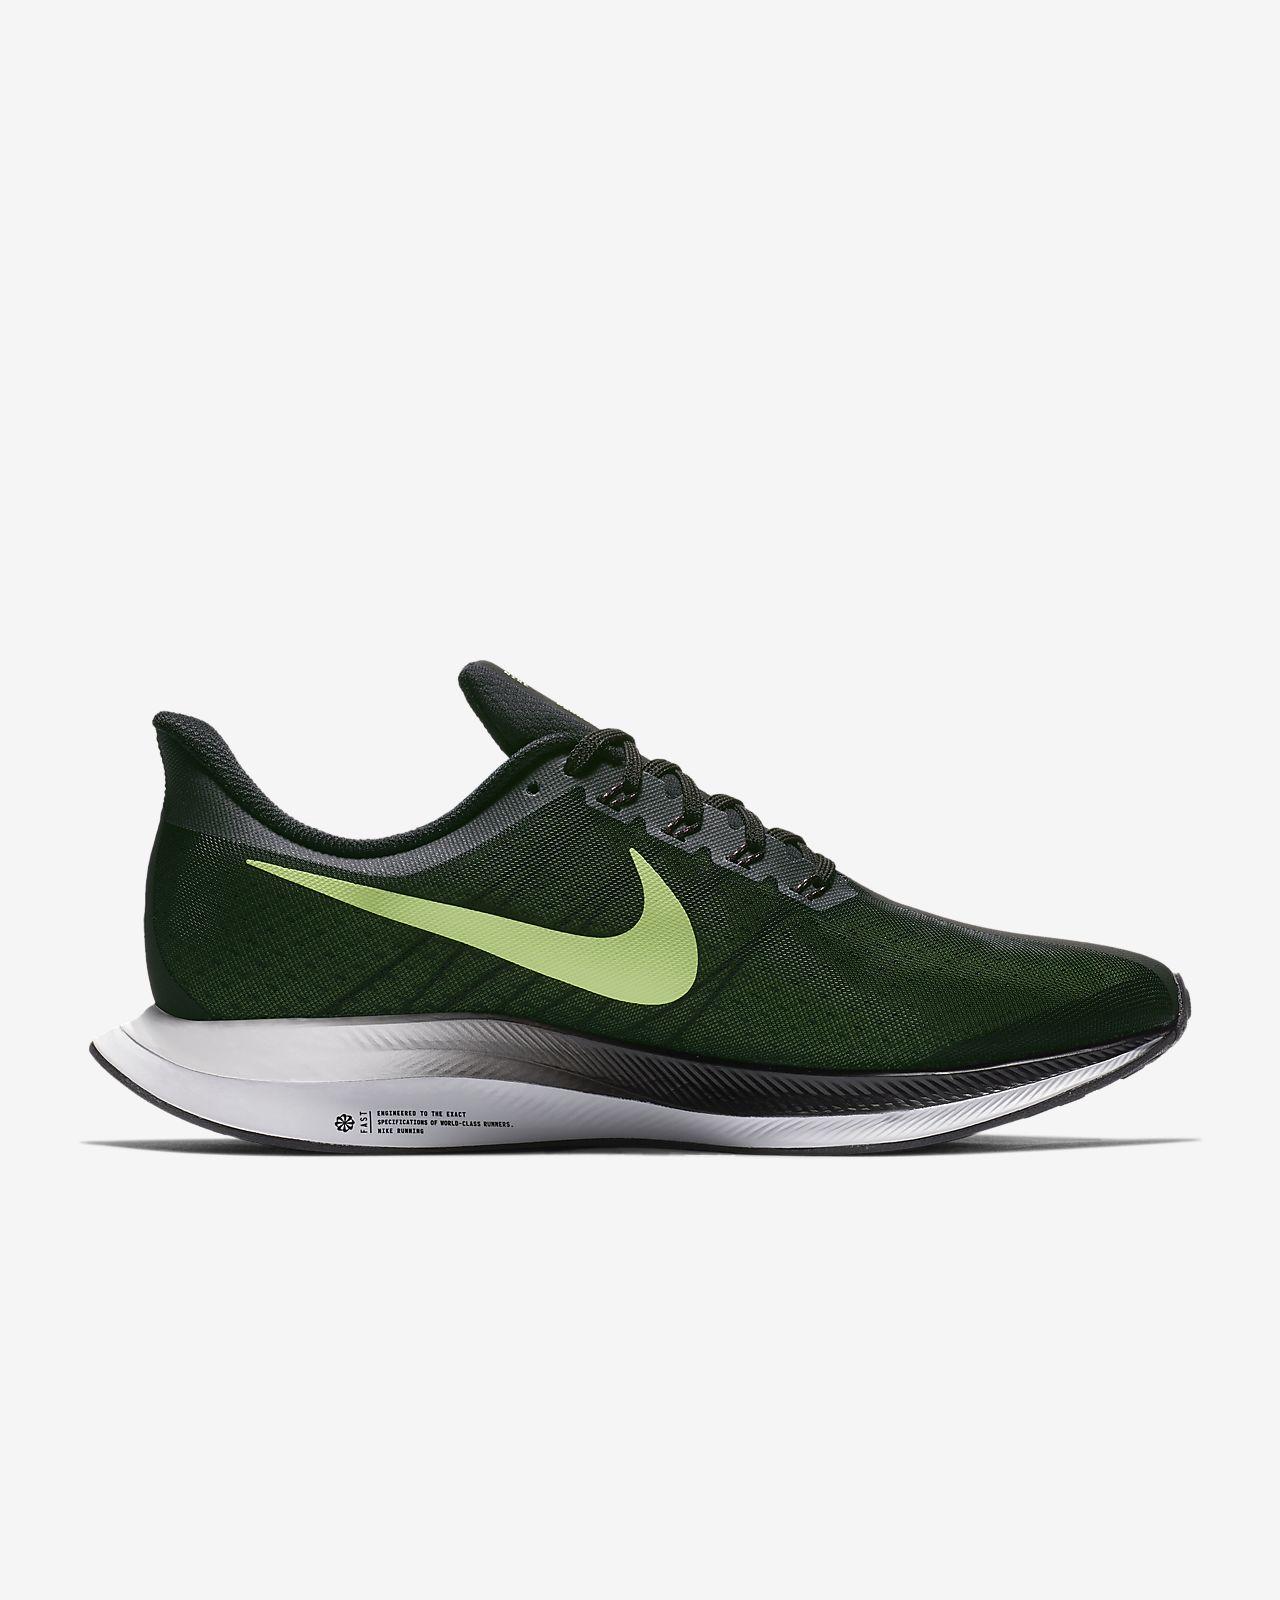 new arrival 71c9a ccbd5 ... Nike Zoom Pegasus Turbo Men s Running Shoe